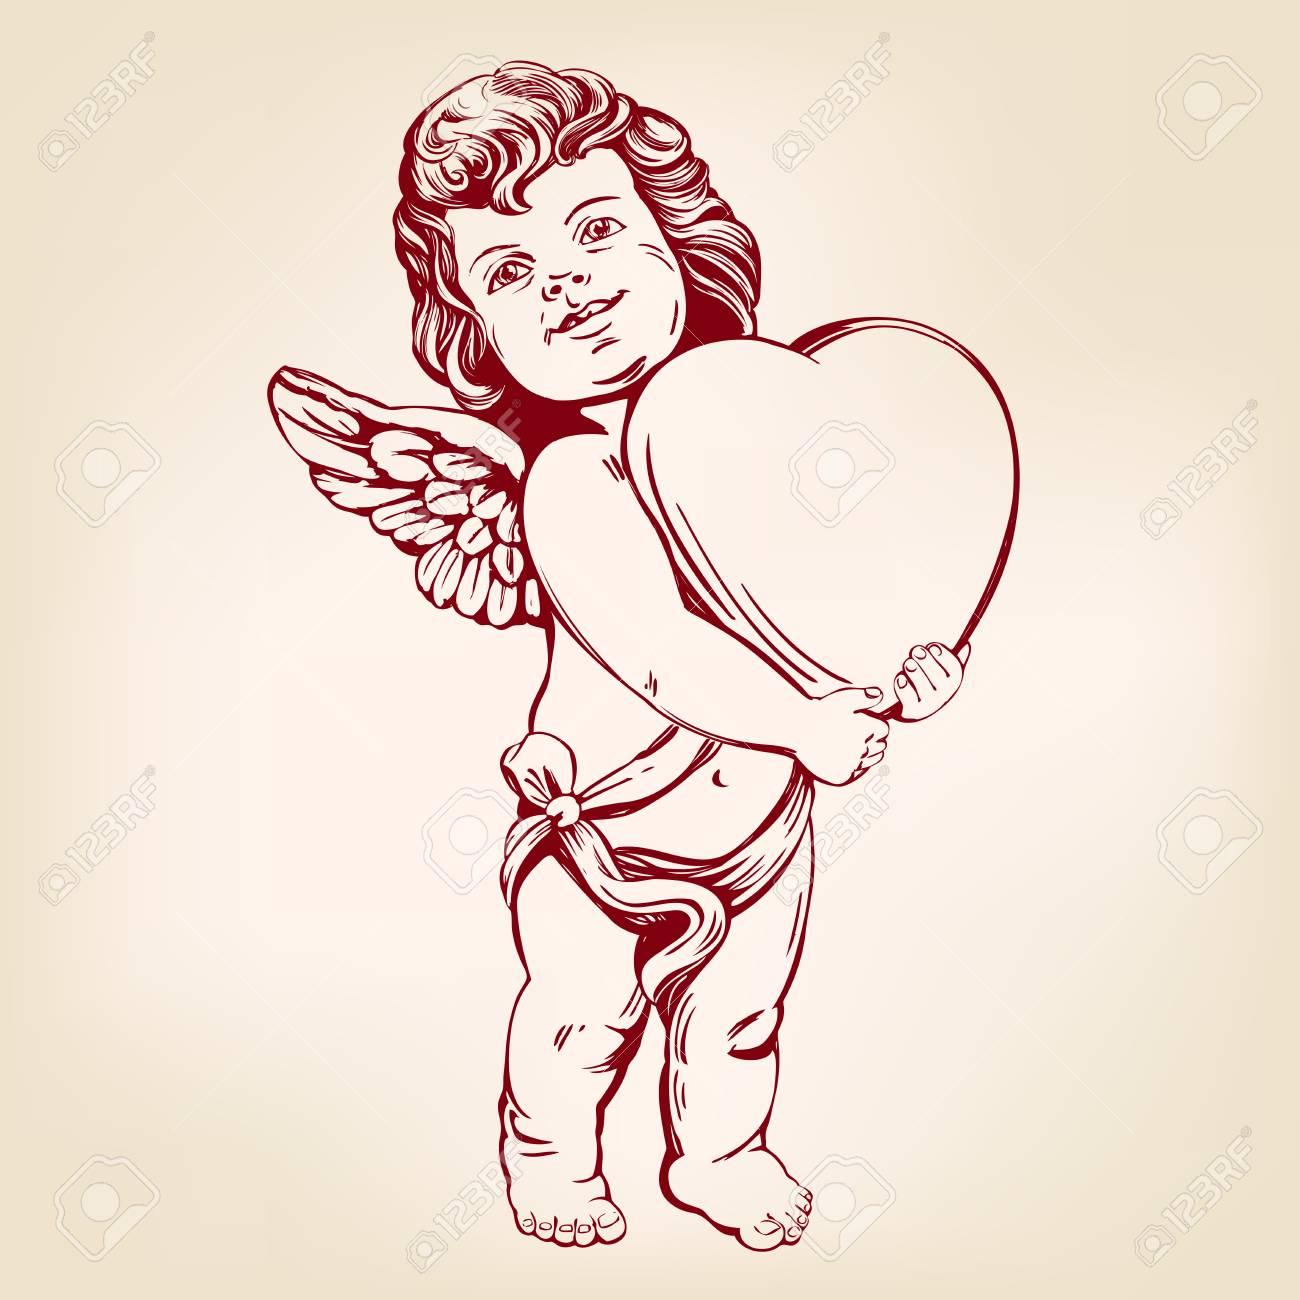 Dessin Ange Realiste ange ou cupidon, petit bébé est titulaire d'un coeur, saint valentin,  amour, carte de voeux croquis réaliste d'illustration vectorielle dessinés  à la